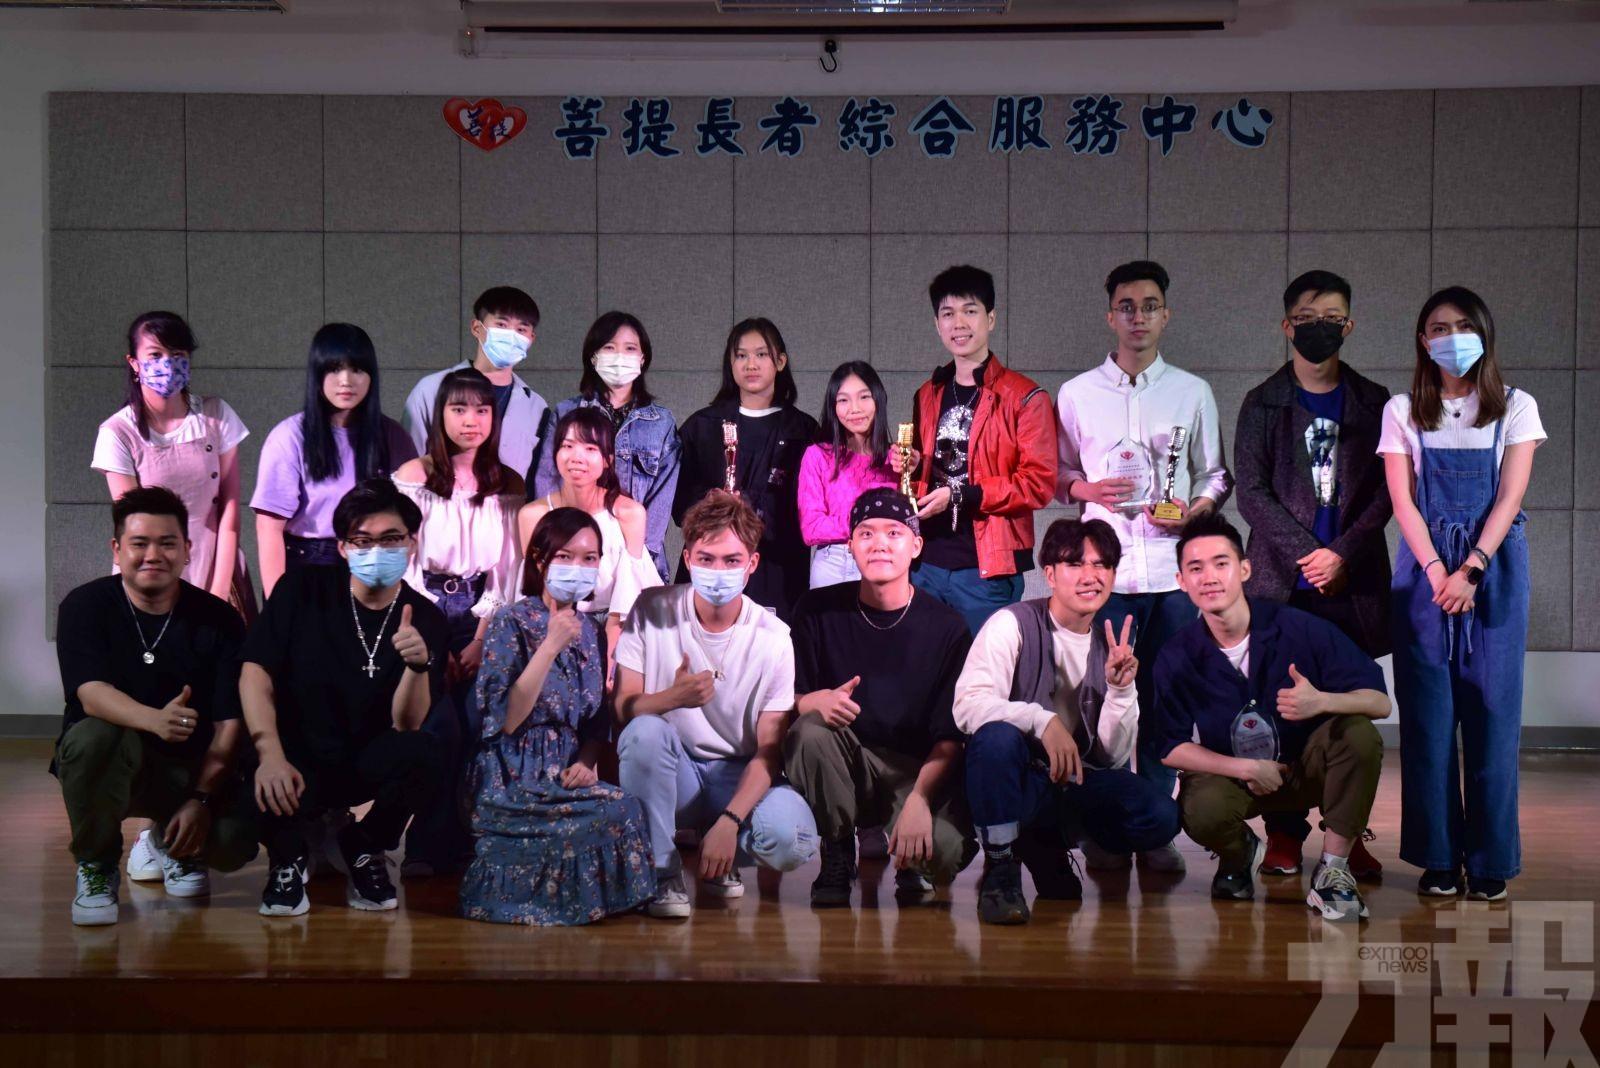 第一屆「菩青好聲音」完滿成功